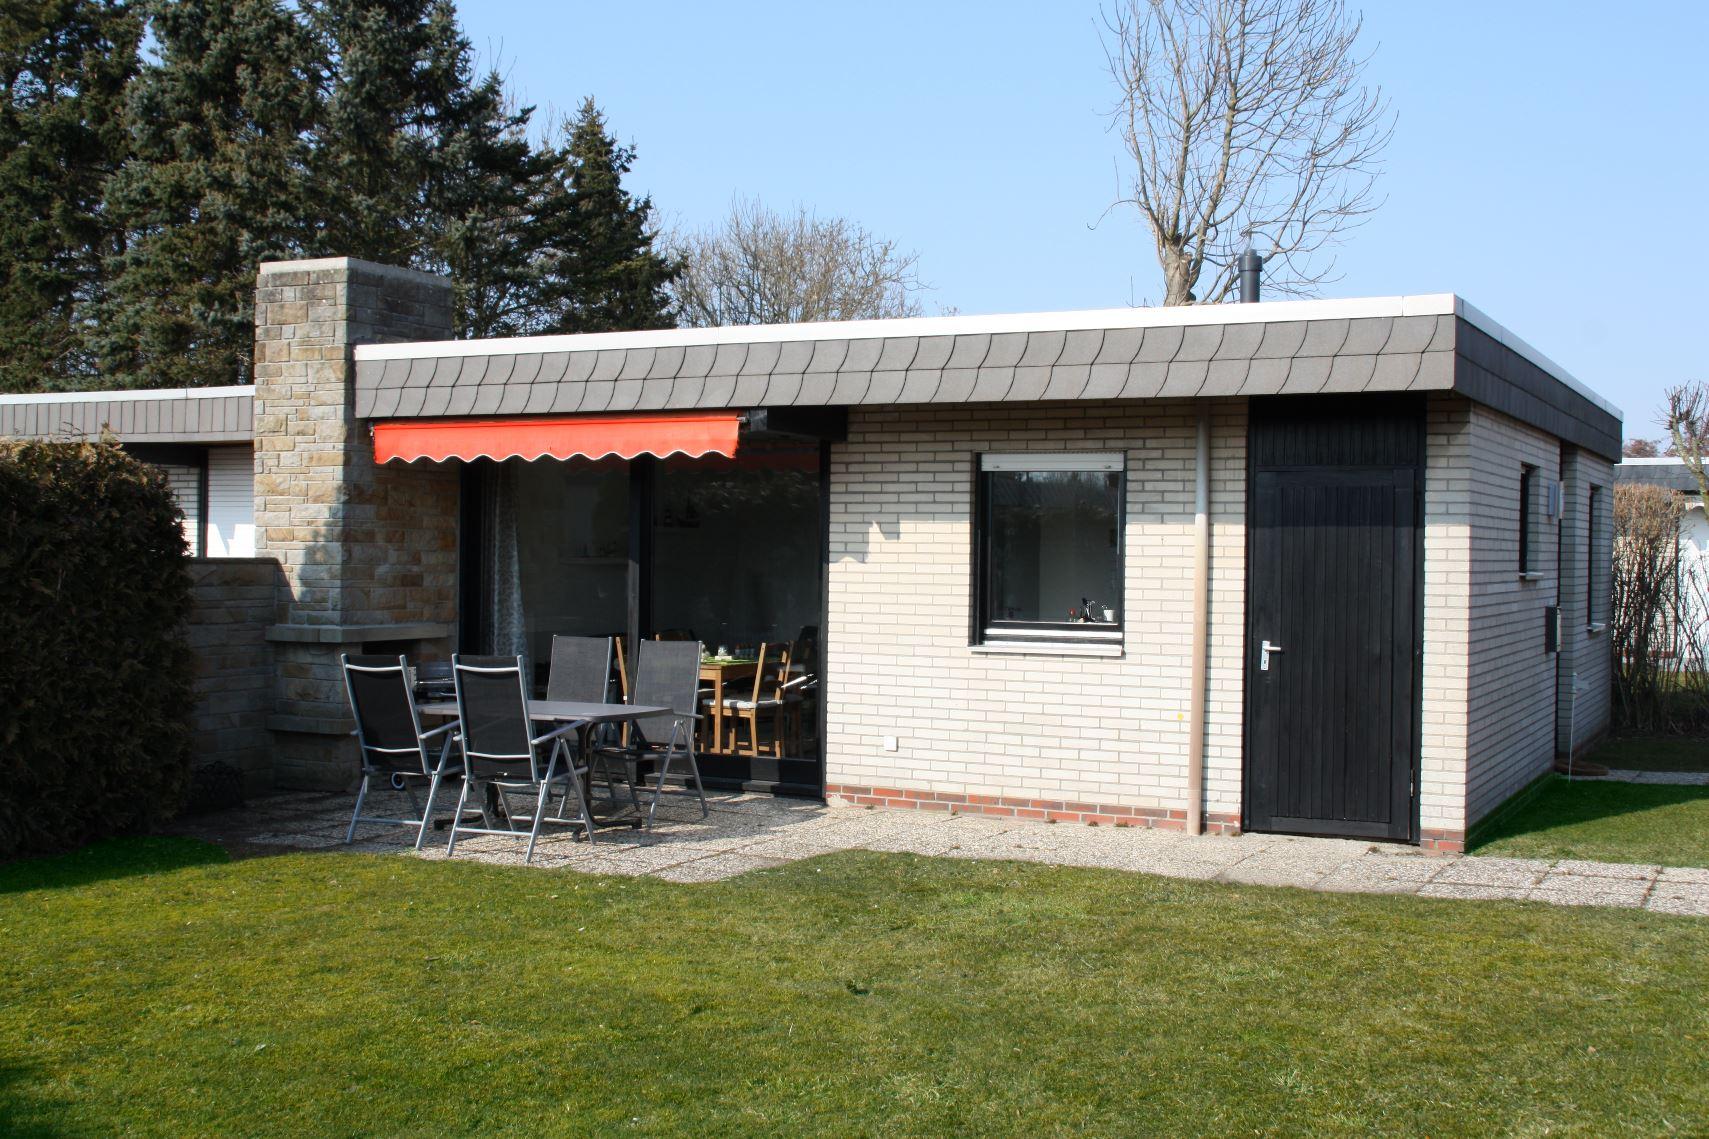 ordsee Ferienhaus - Terrasse und Garten